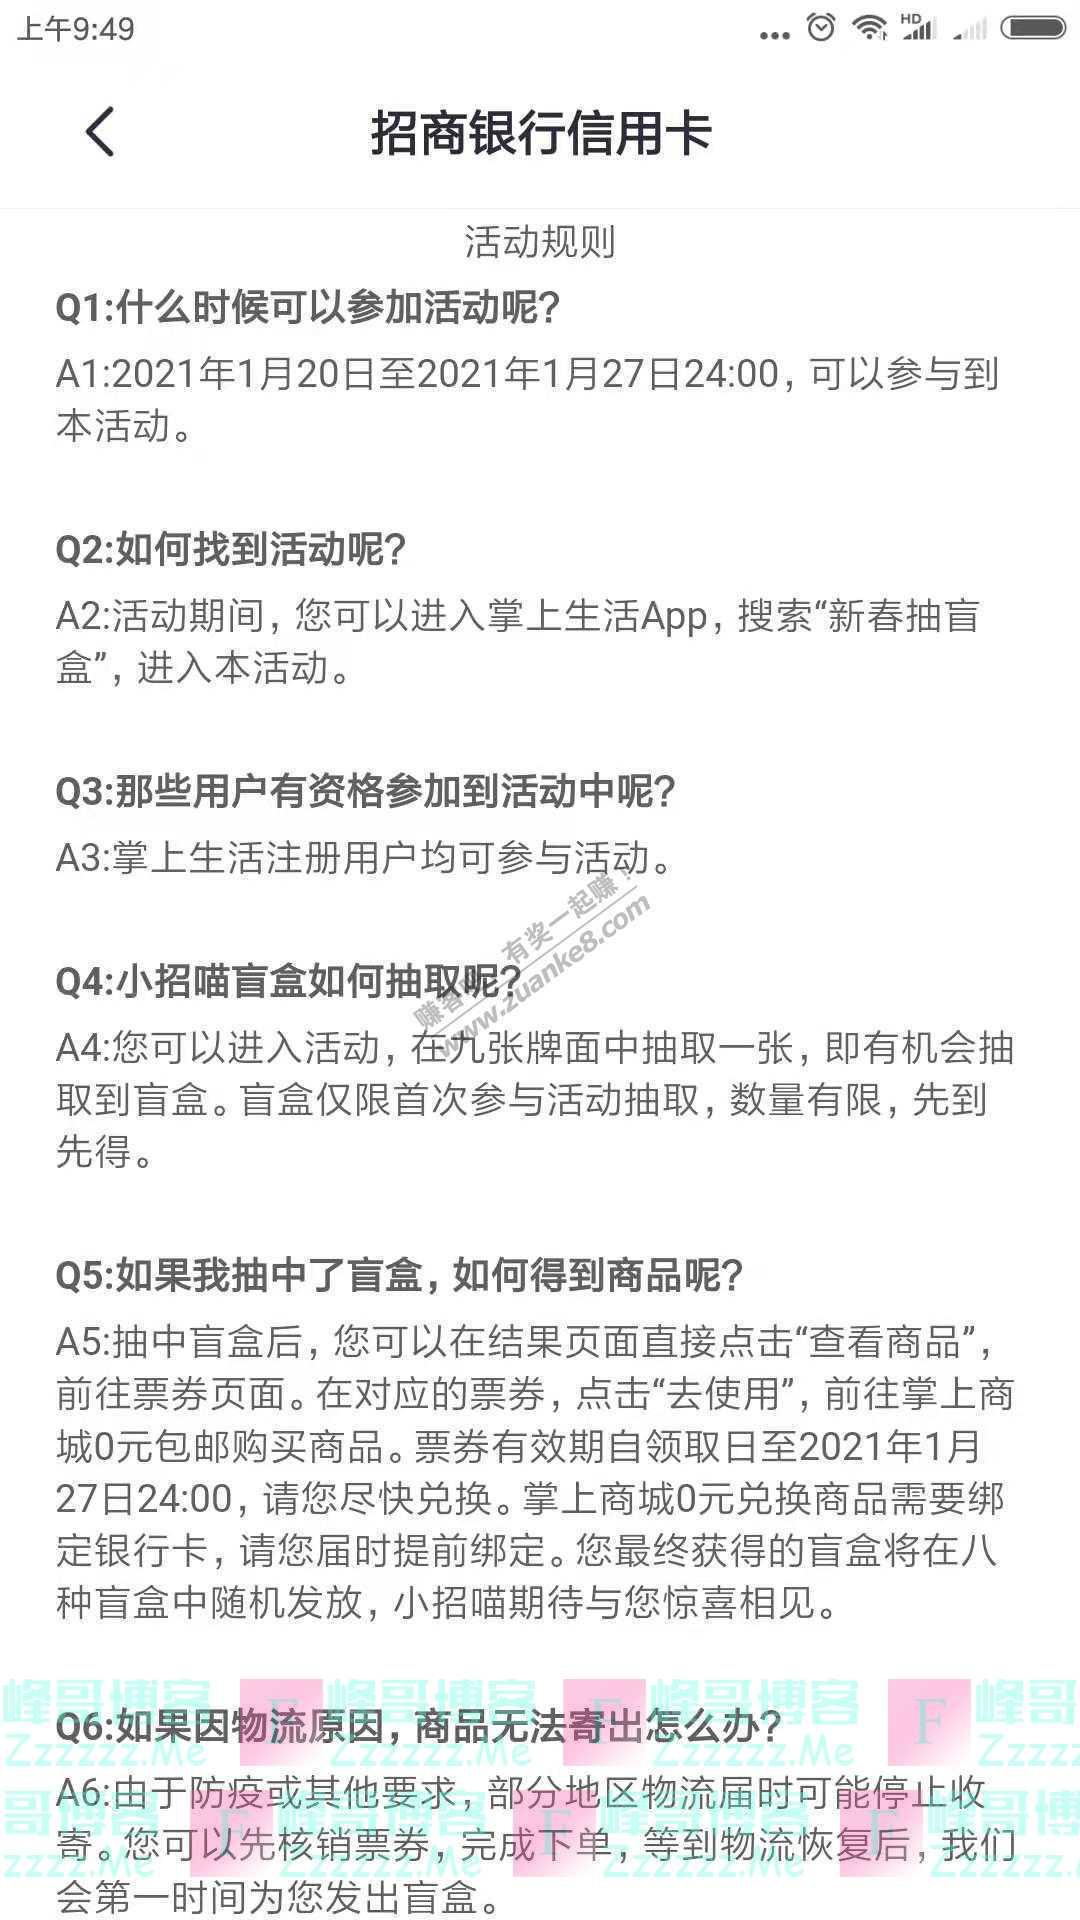 掌上生活App新春抽盲盒(截止1月27日)